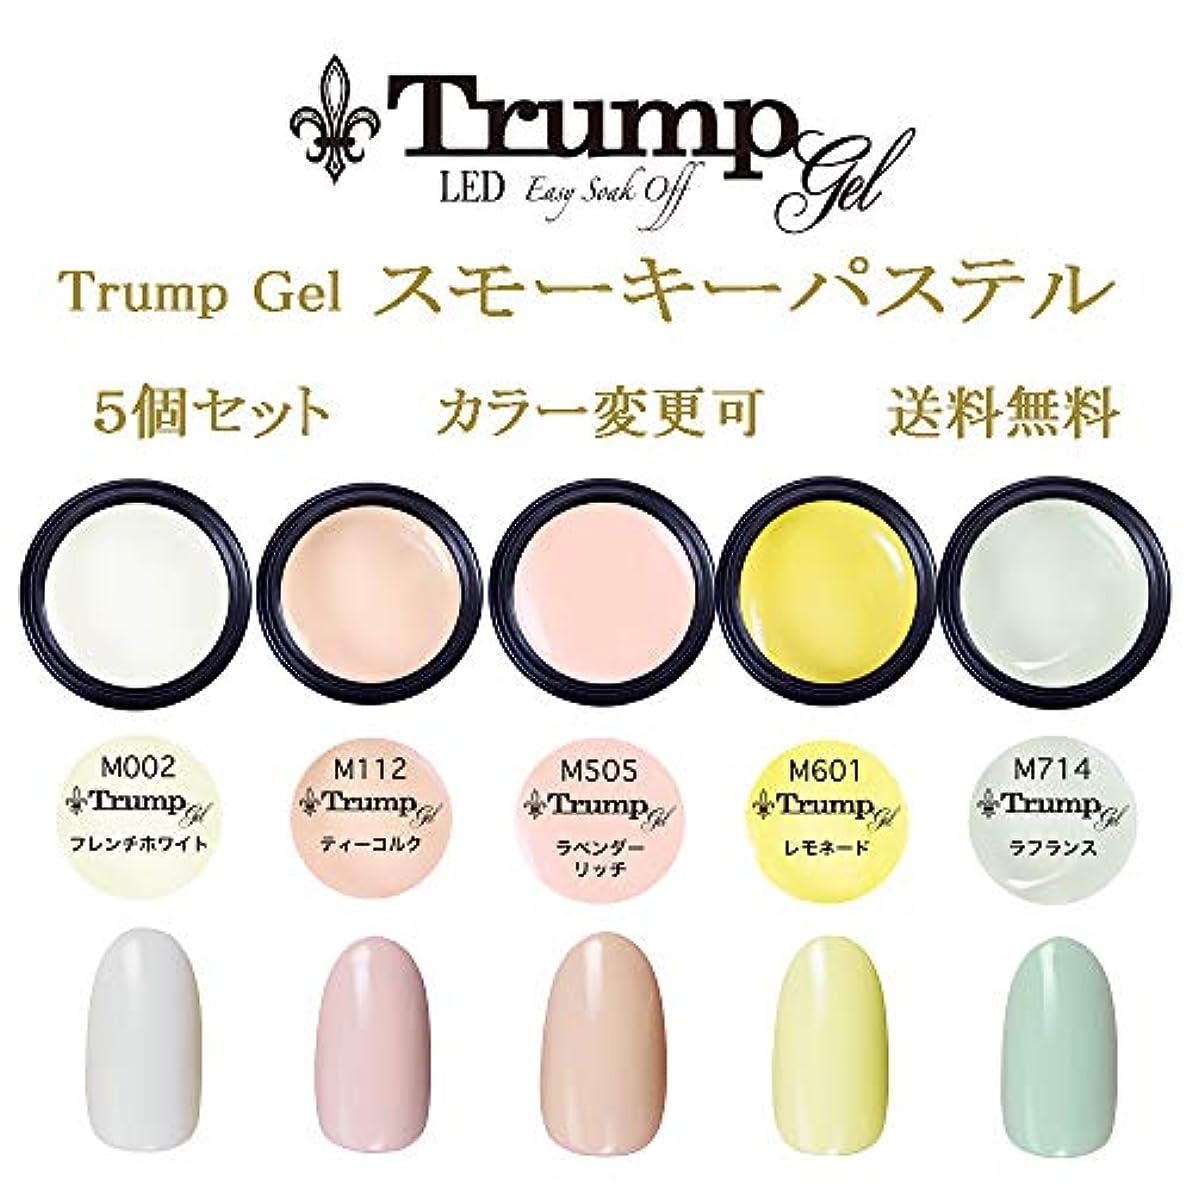 遺産必需品してはいけません日本製 Trump gel トランプジェル スモーキー パステルカラー 選べる カラージェル5個セット ホワイト ベージュ ピンク イエロー グリーン